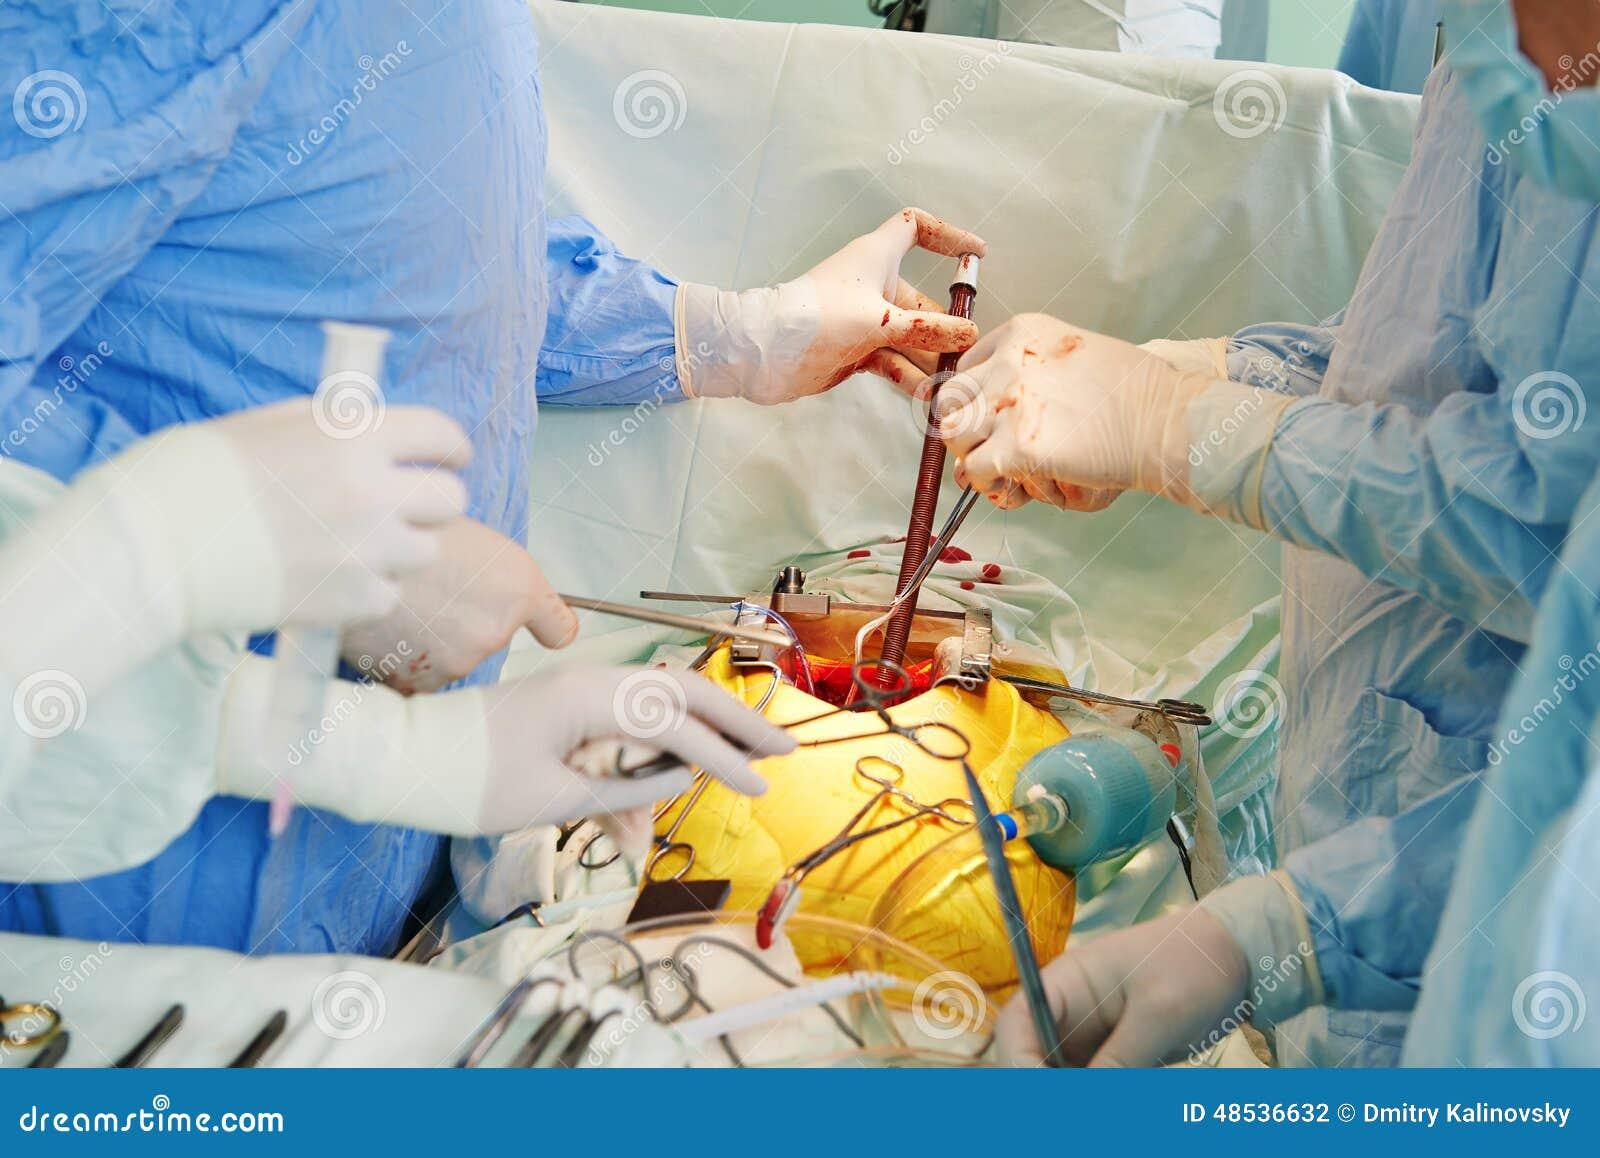 Mains de chirurgiens à l opération cardiaque de chirurgie